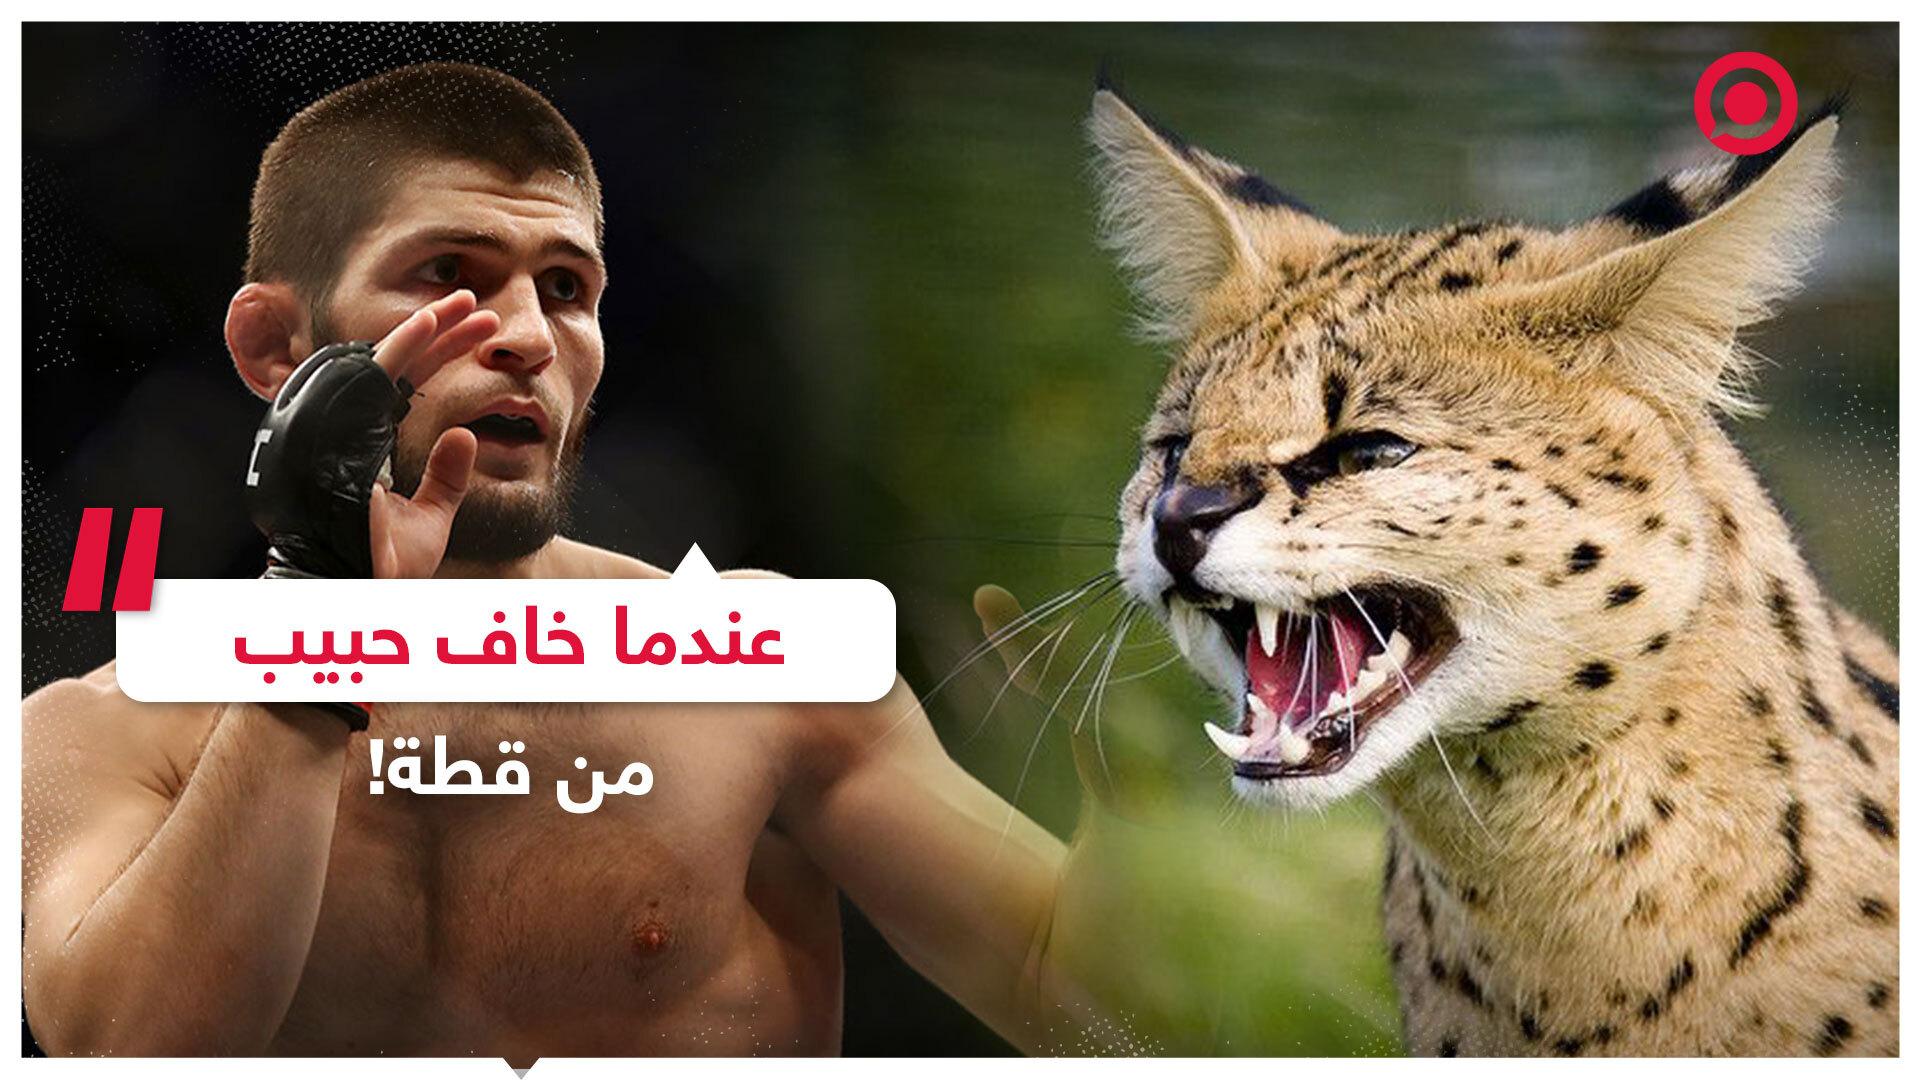 عندما خاف حبيب نورمحمدوف من قطة